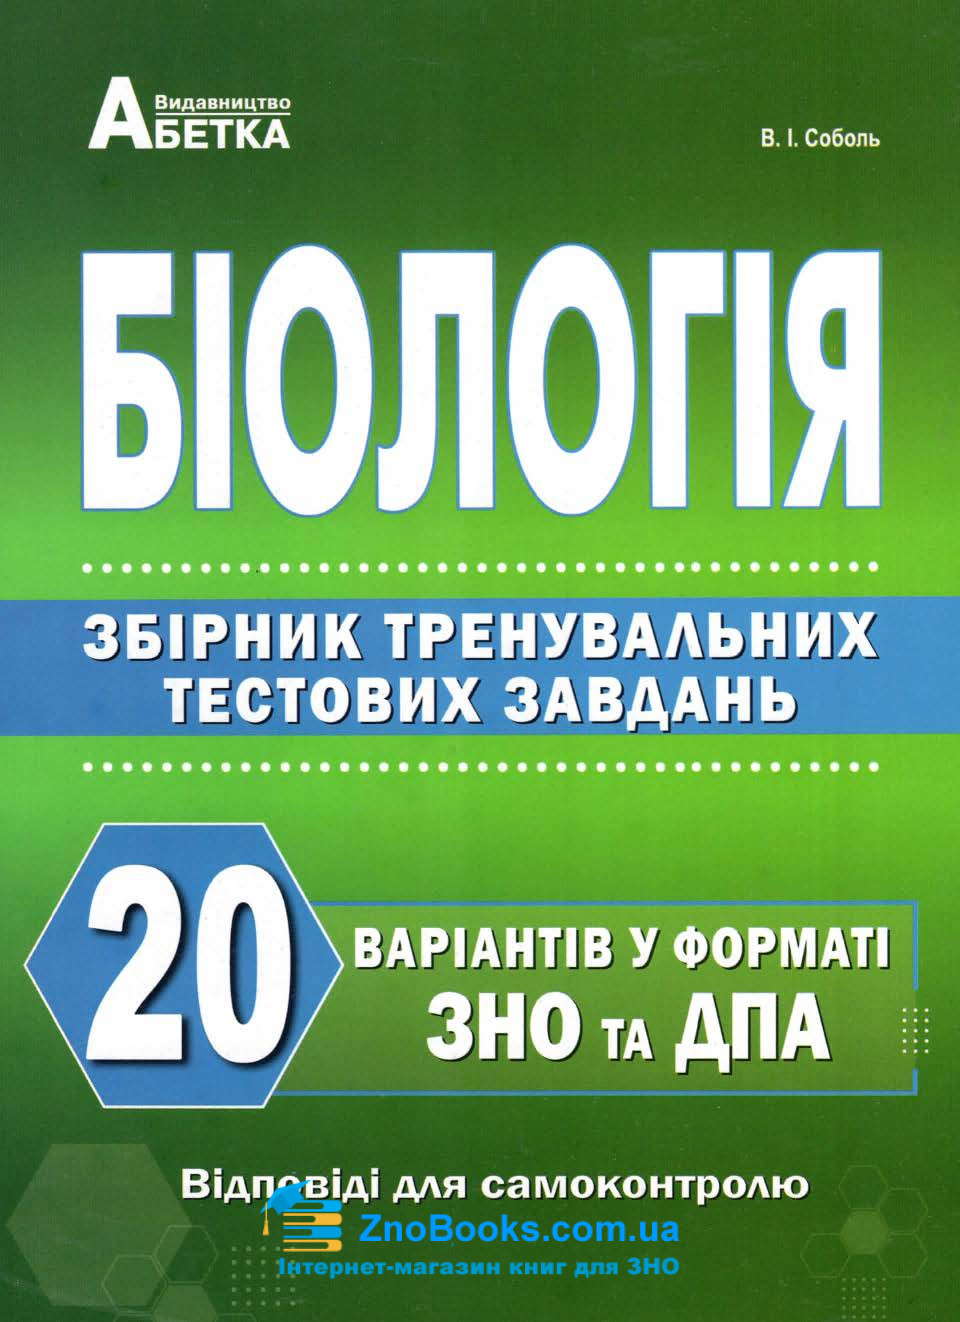 Соболь В. Біологія ЗНО 2022. 20 варіантів тренувальних тестових завдань : видавництво Абетка. купити 0